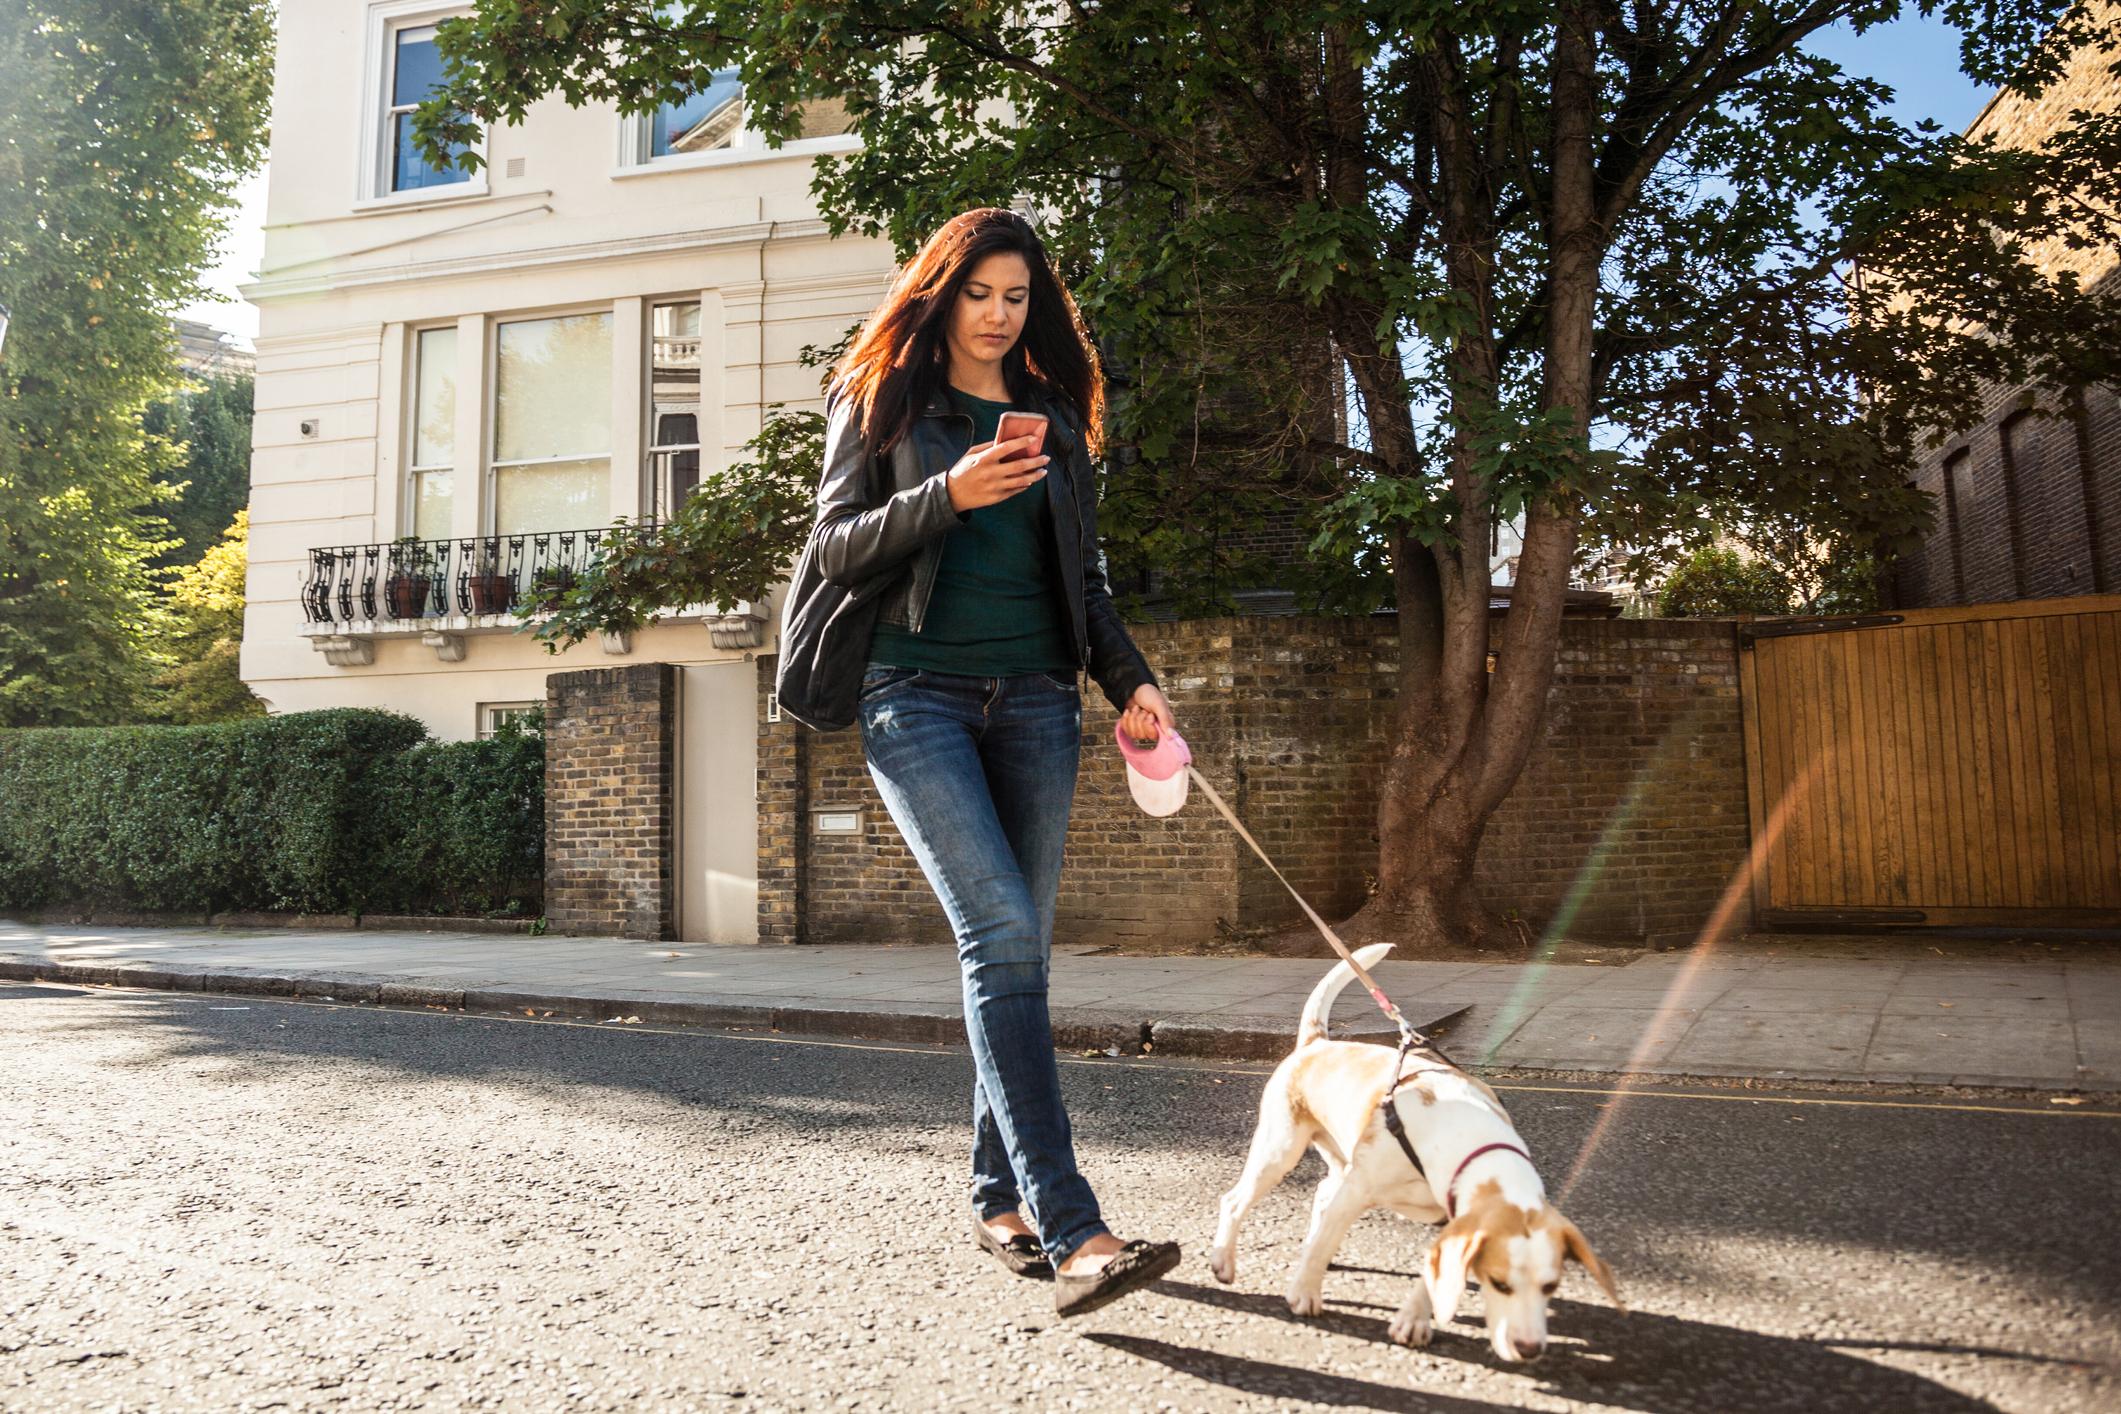 Kretanje pisača poruka drugačije je od kretanja osobe koja razgovara na telefon